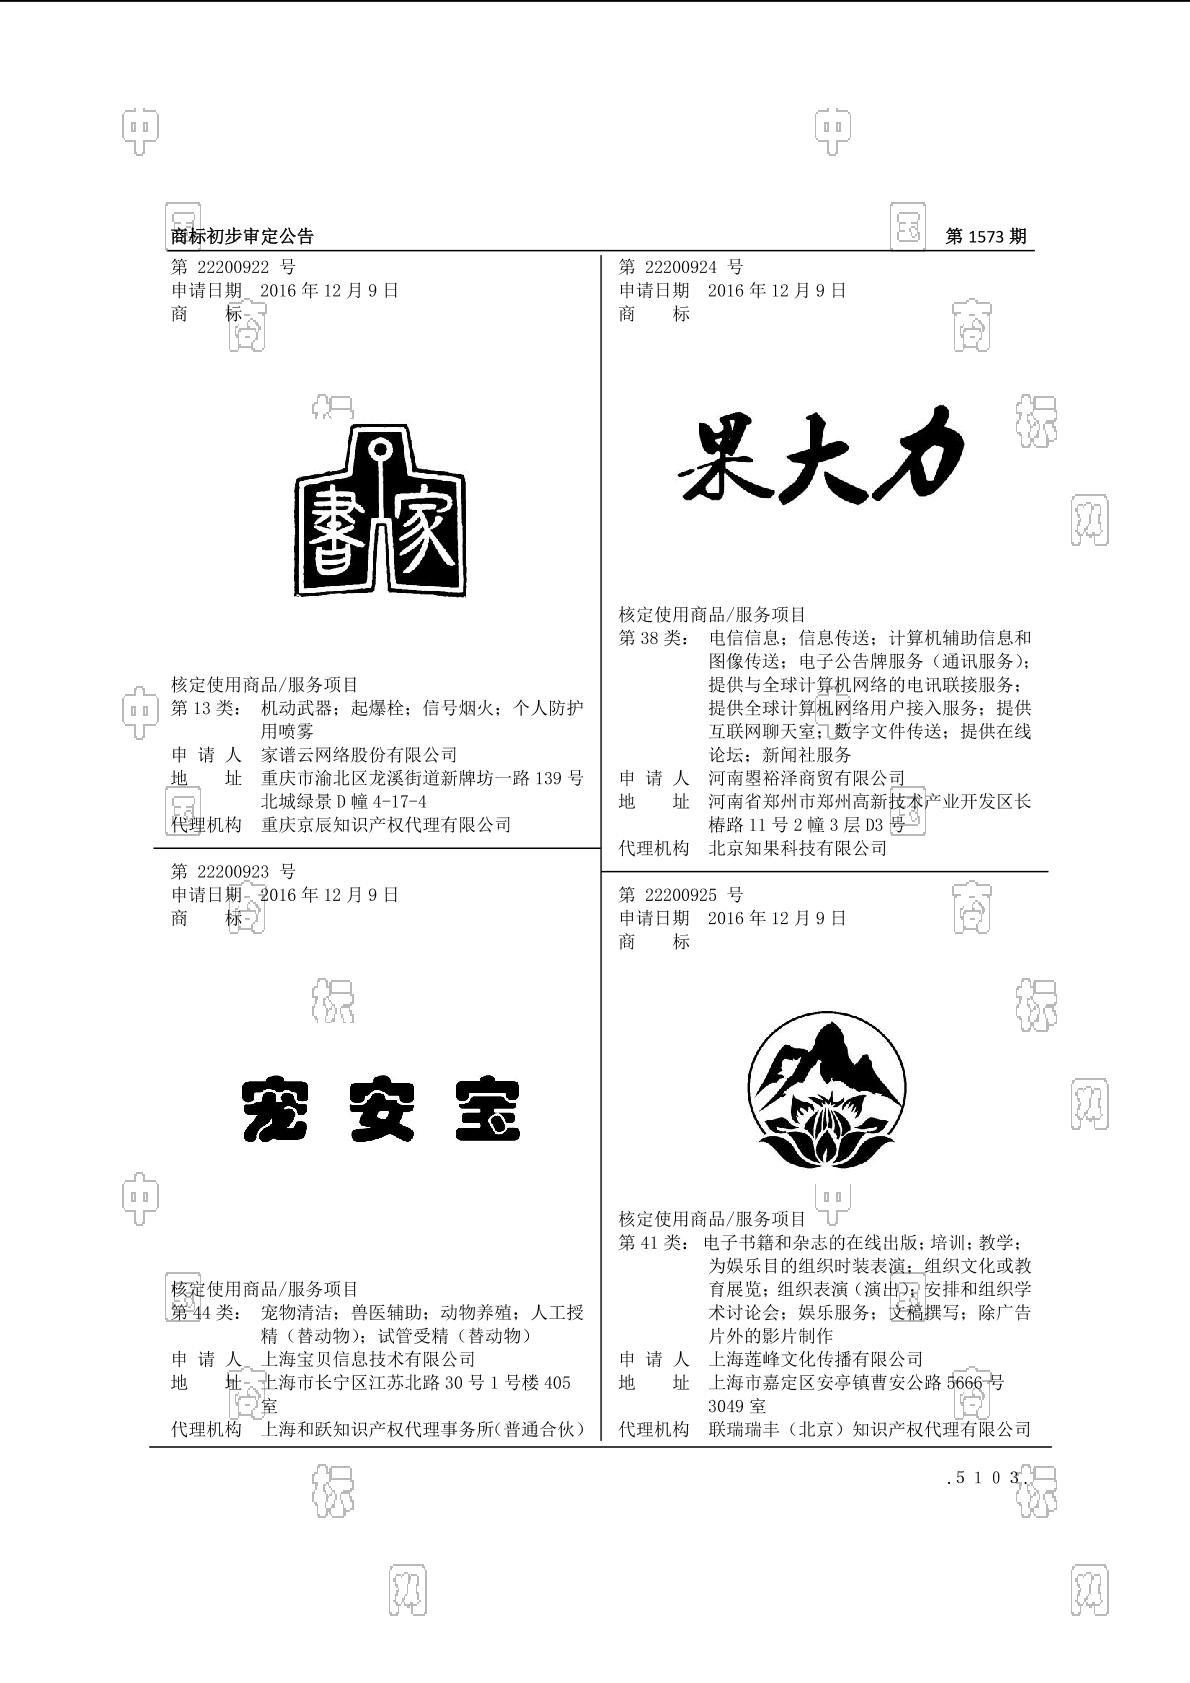 【社标网】果大力商标状态注册号信息 河南曌裕泽商贸有限公司商标信息-商标查询